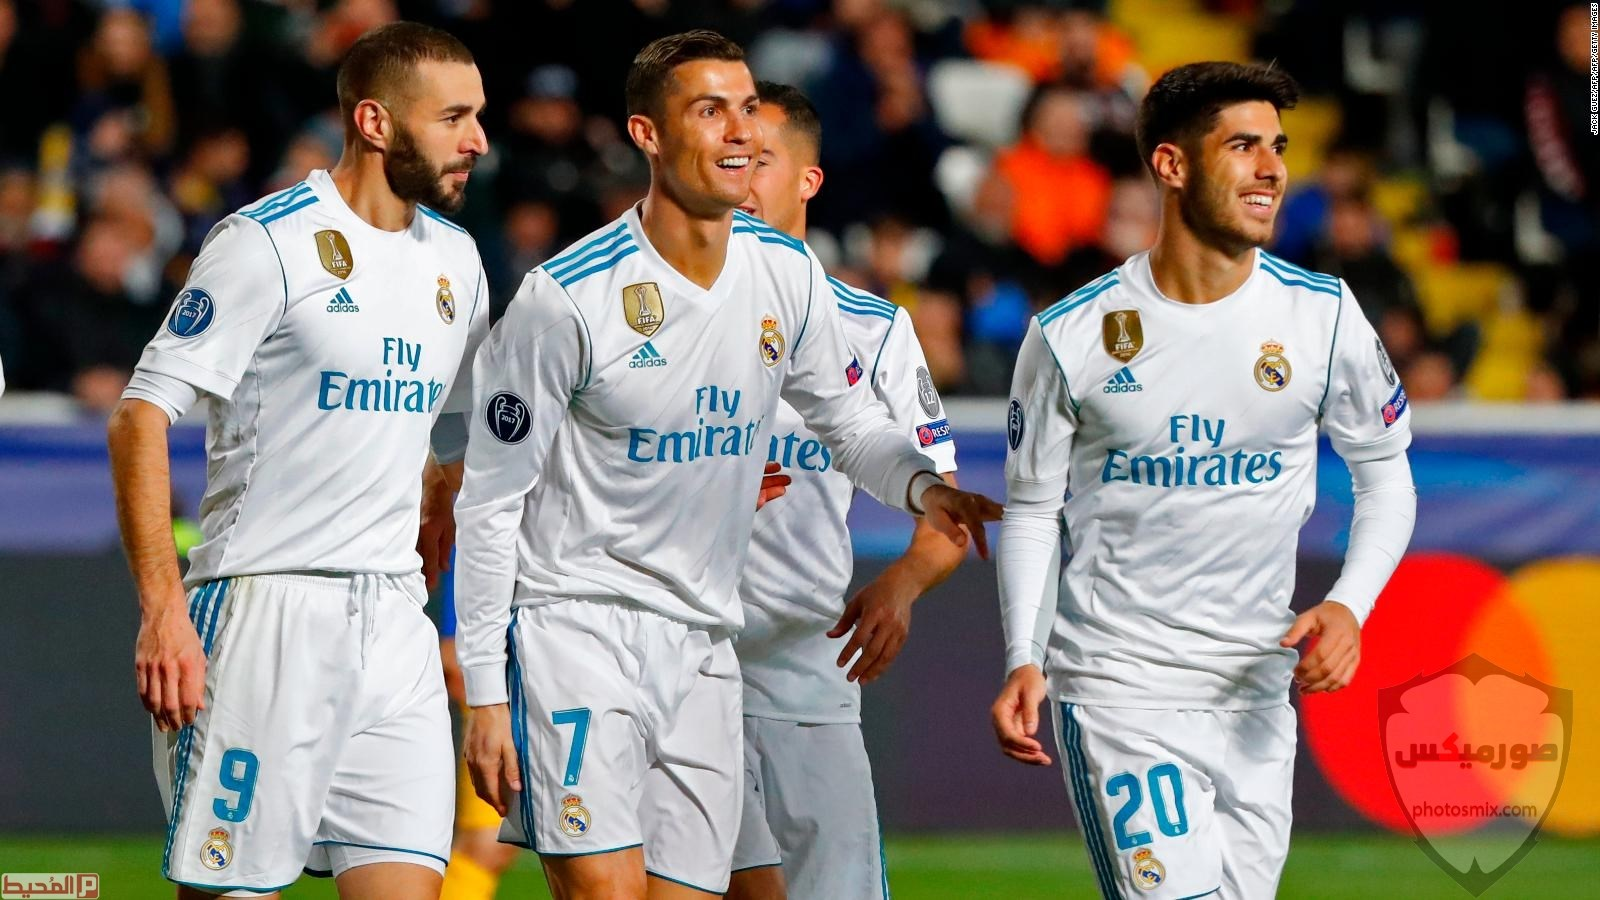 صور لاعبي ريال مدريد 20